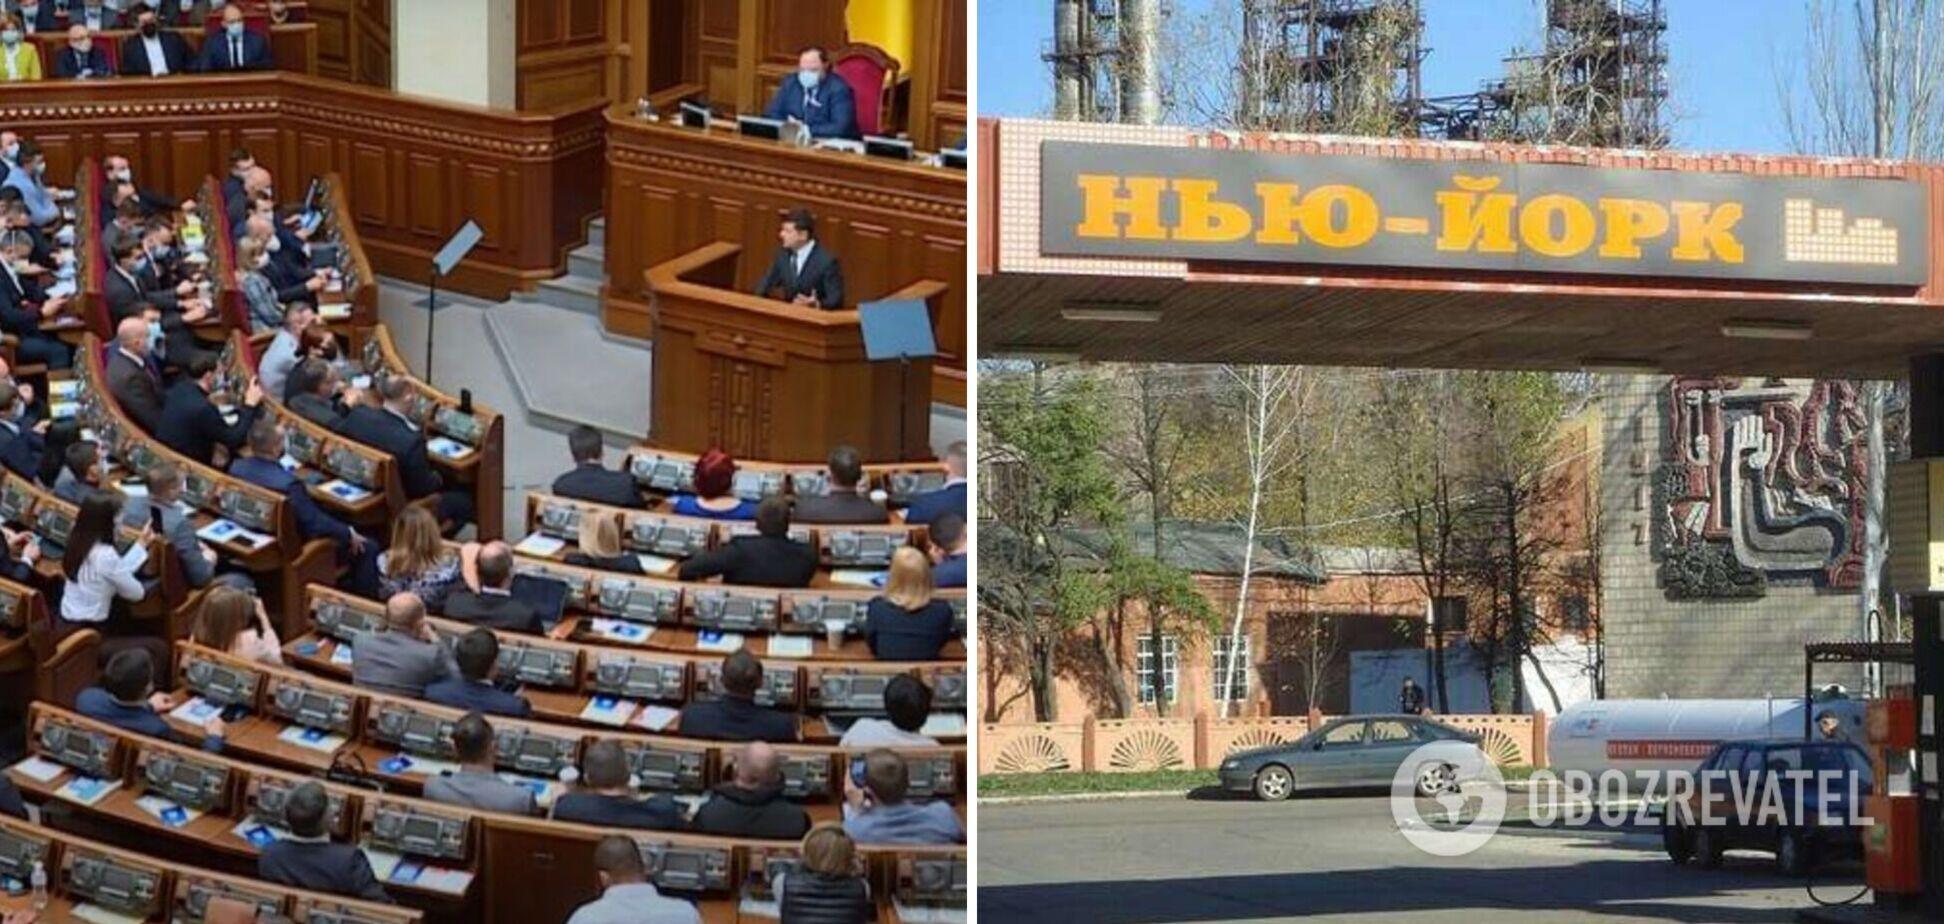 Новости Украины: нардепы приняли закон об олигархах и вернули стране Нью-Йорк